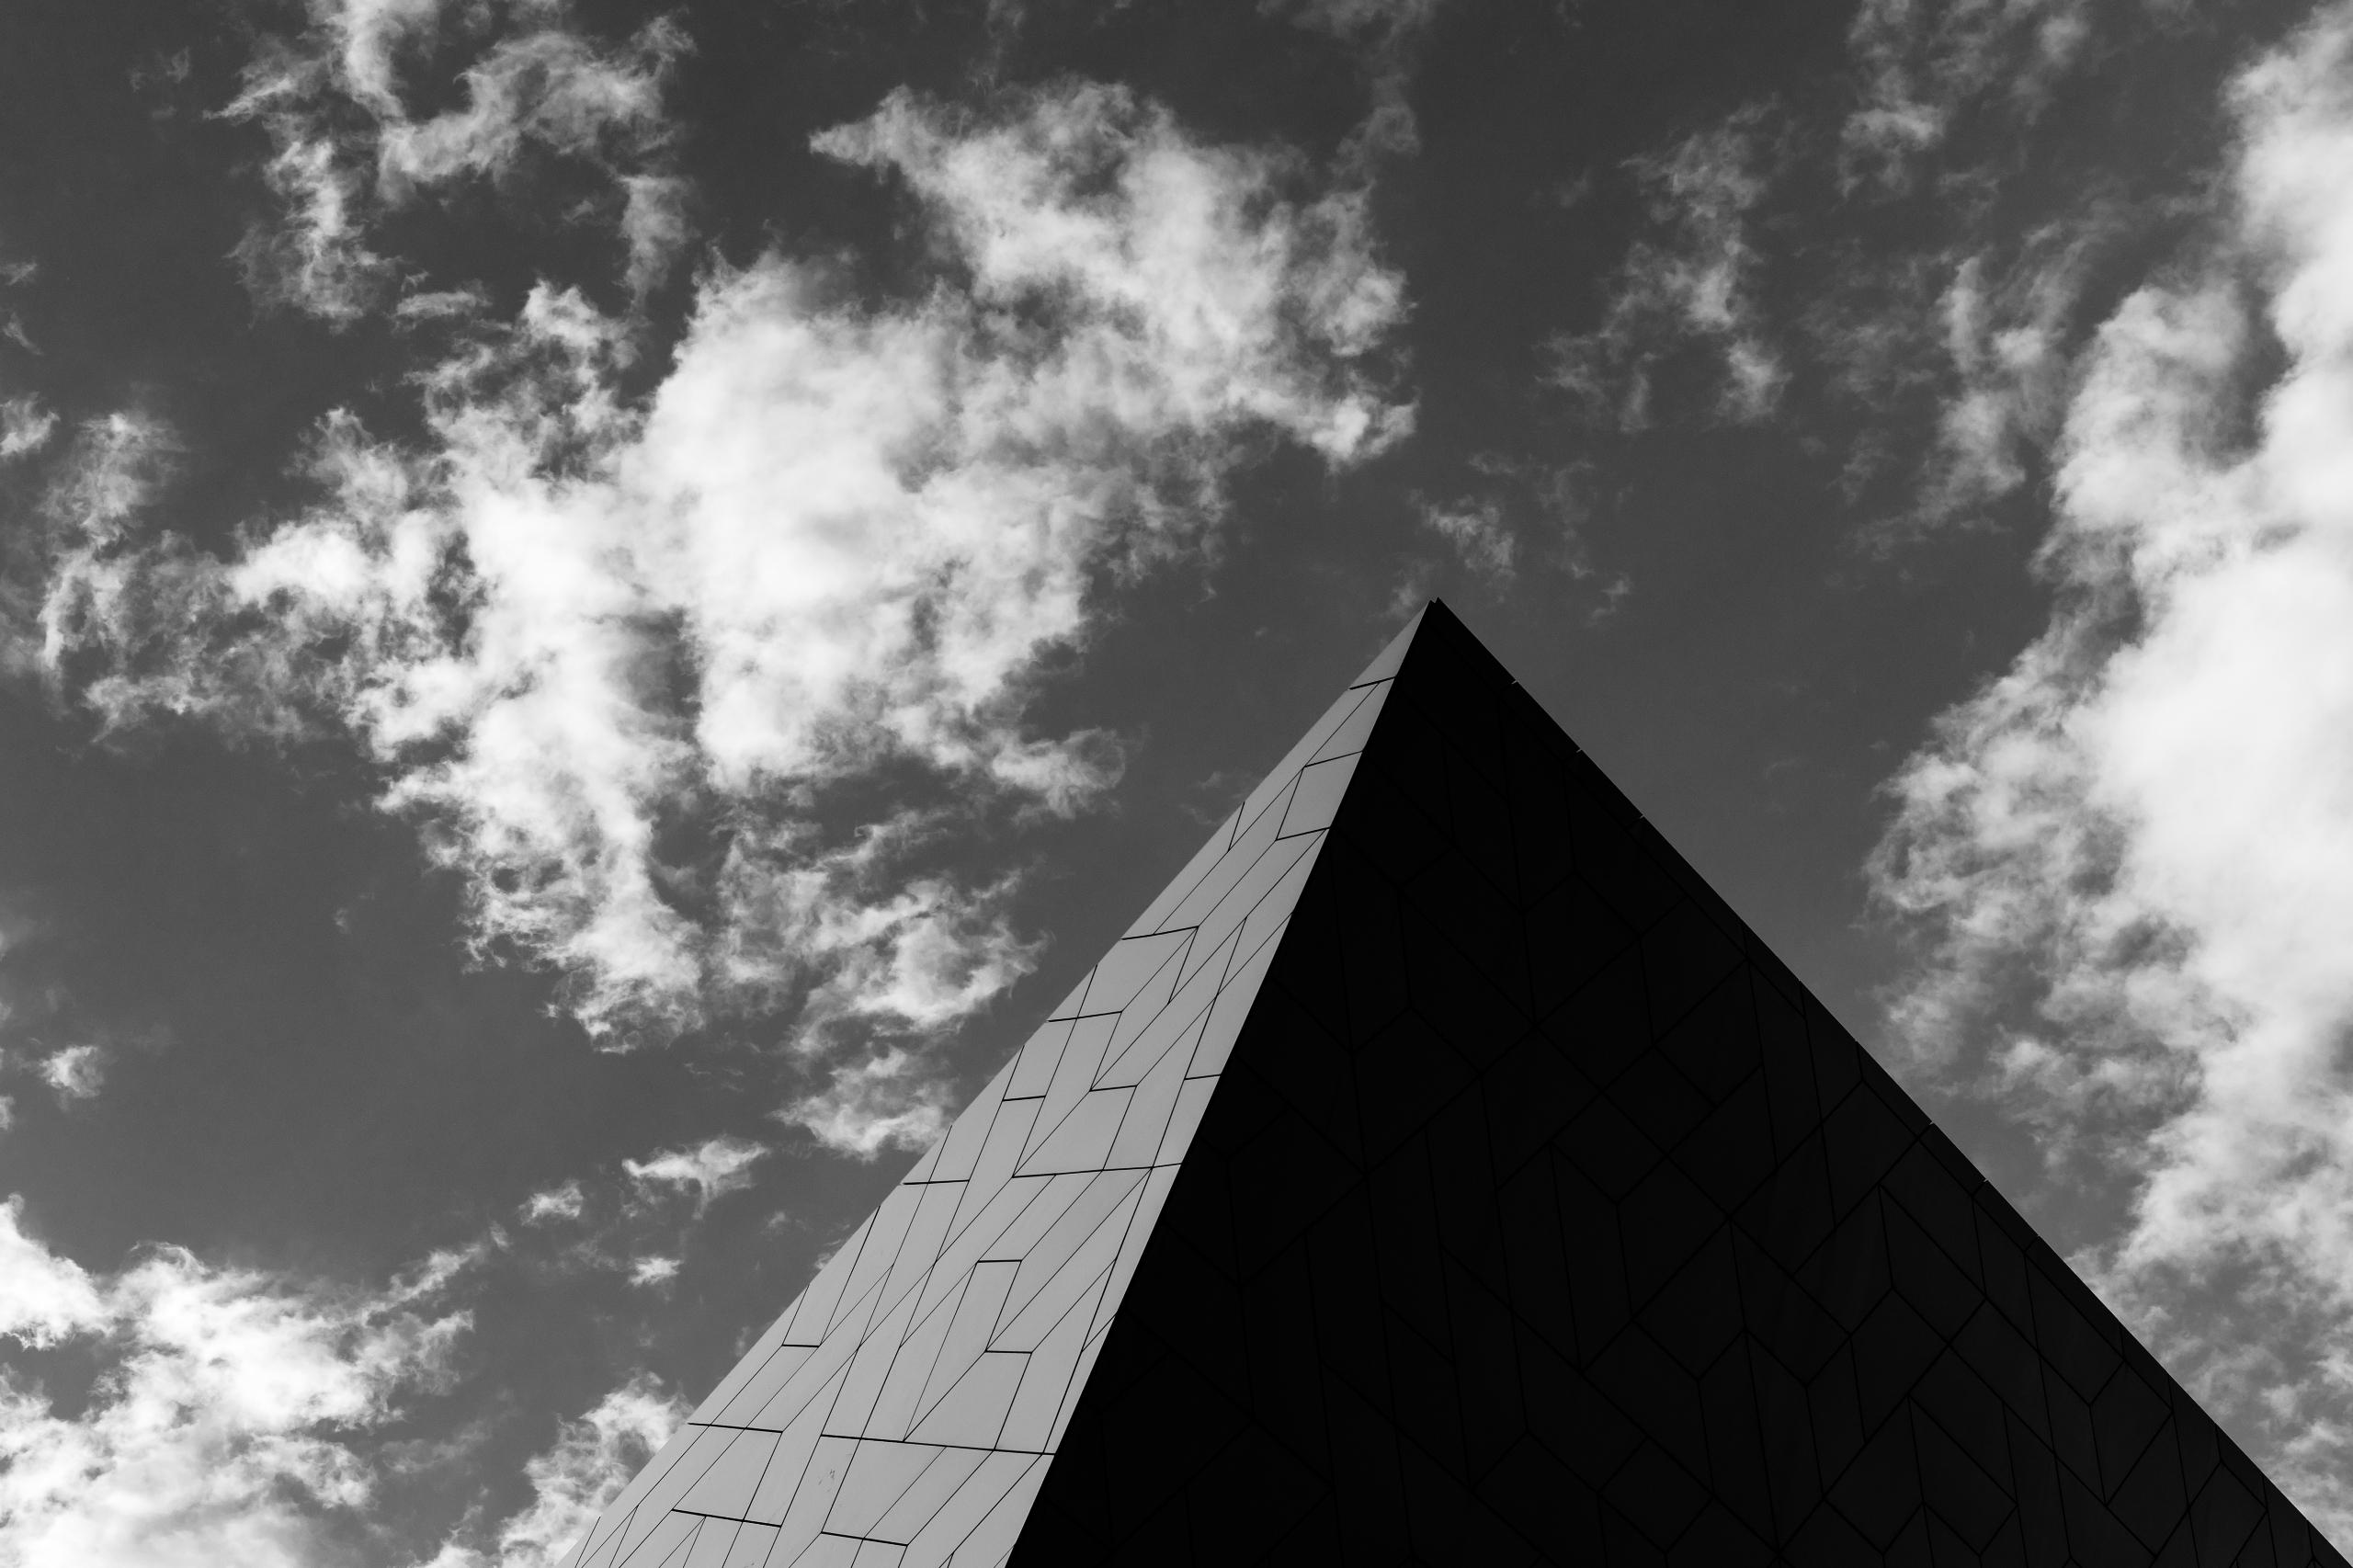 Great Piramid 2017 - Amsterdam, architecture - rikgroenland | ello